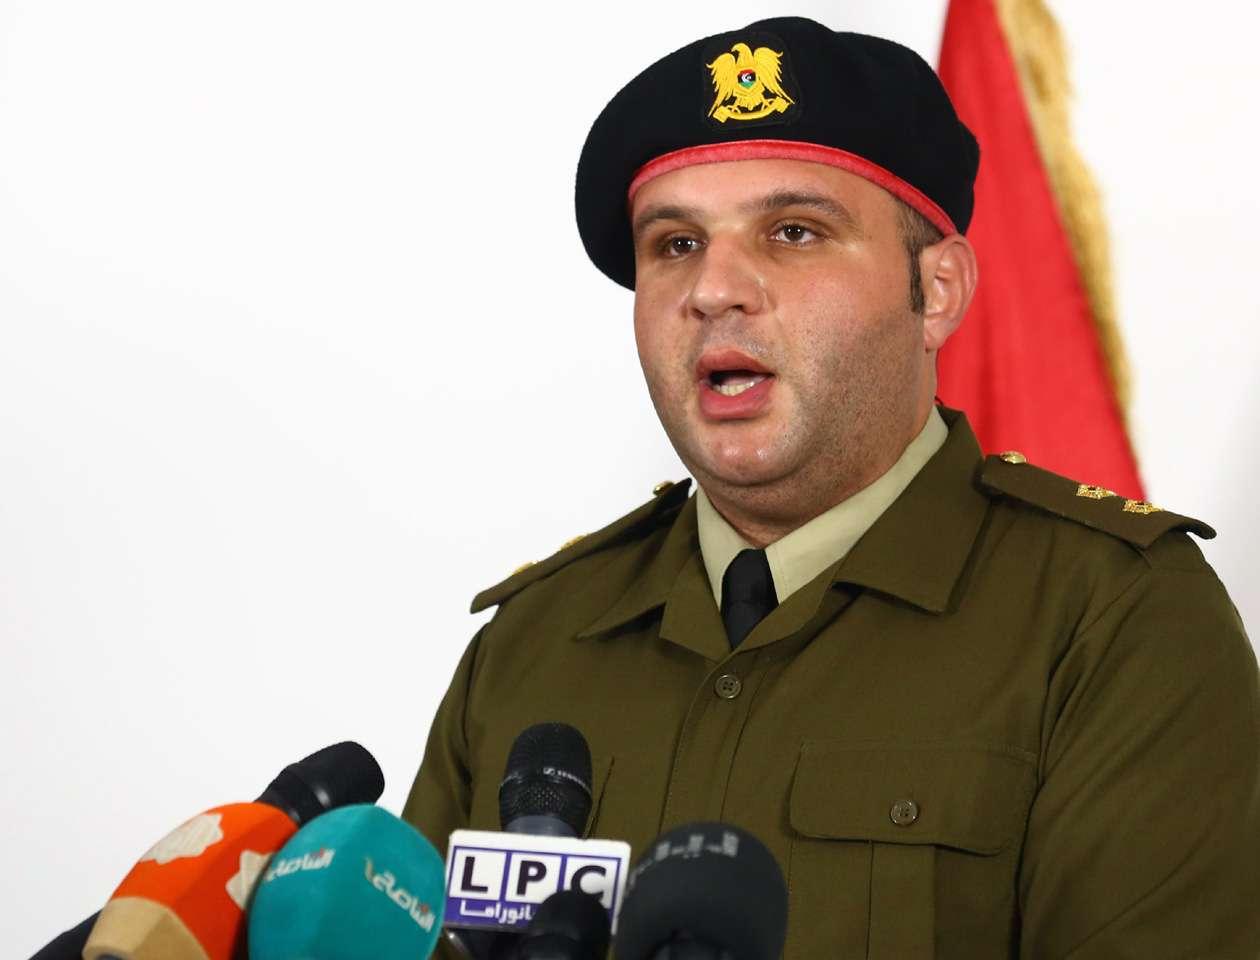 El teniente Mohammed Abdul Kafi da una durante una conferencia de prensa en Trípoli después de un ataque por sorpresa en el que utilizan lanchas rápidas en un fallido intento por apoderarse de algunas de las principales terminales de petróleo de Libia Foto: MAHMUD TURKIA/AFP